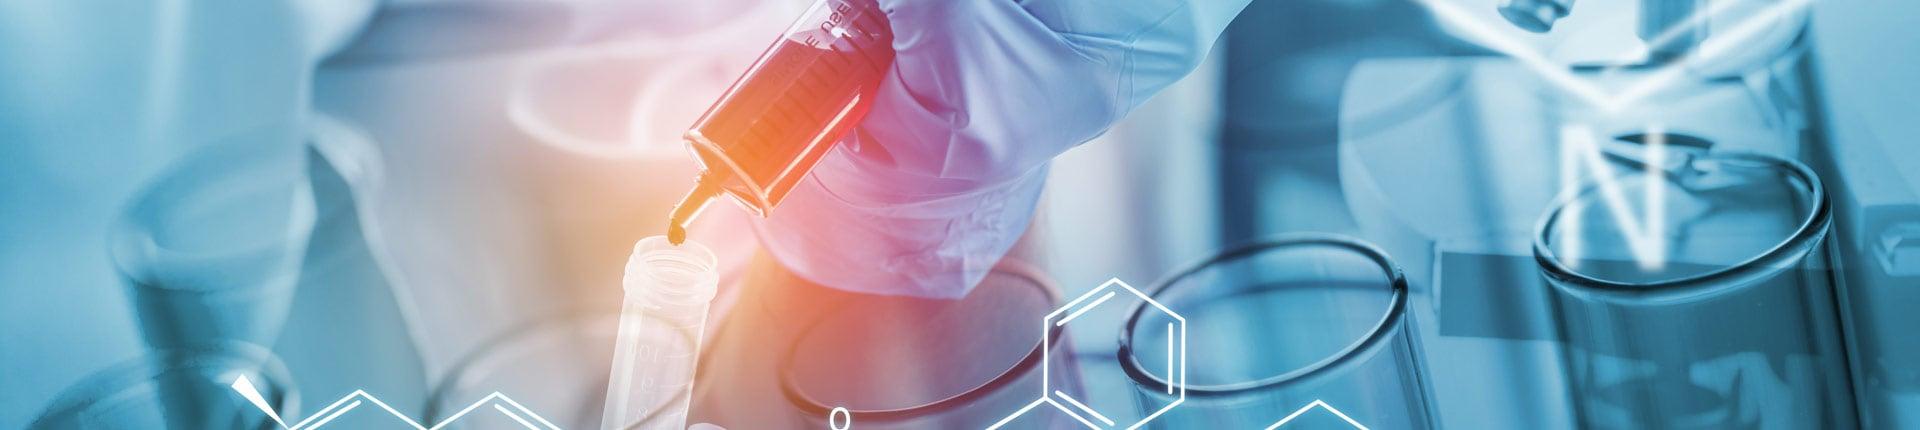 Czy antyestrogeny można stosować, jako boostery testosteronu?